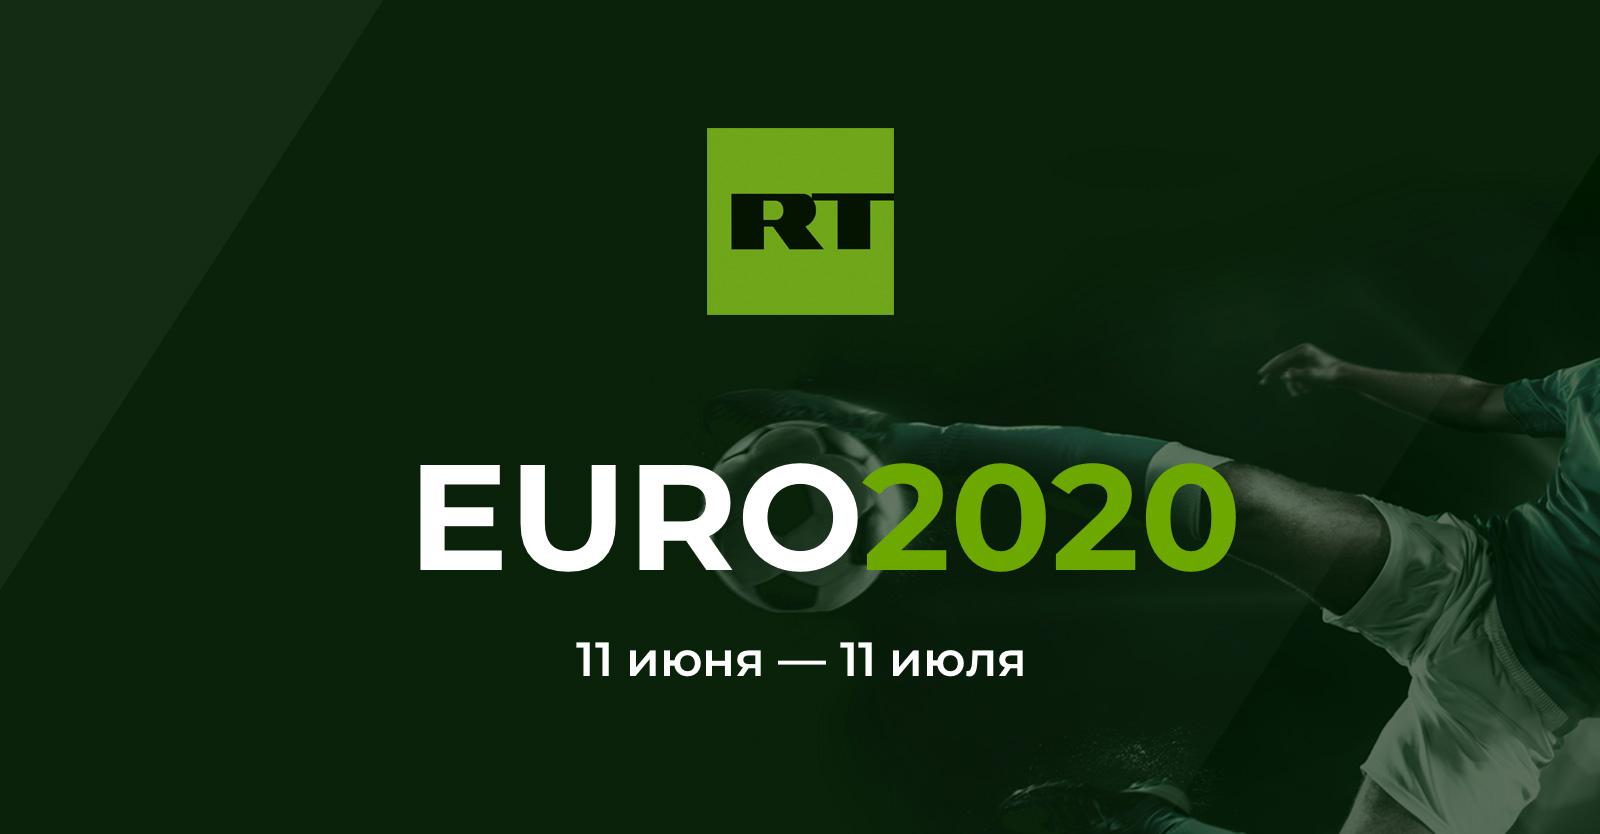 Рахимов считает, что России нужно играть смелее в матче Евро-2020 с Данией